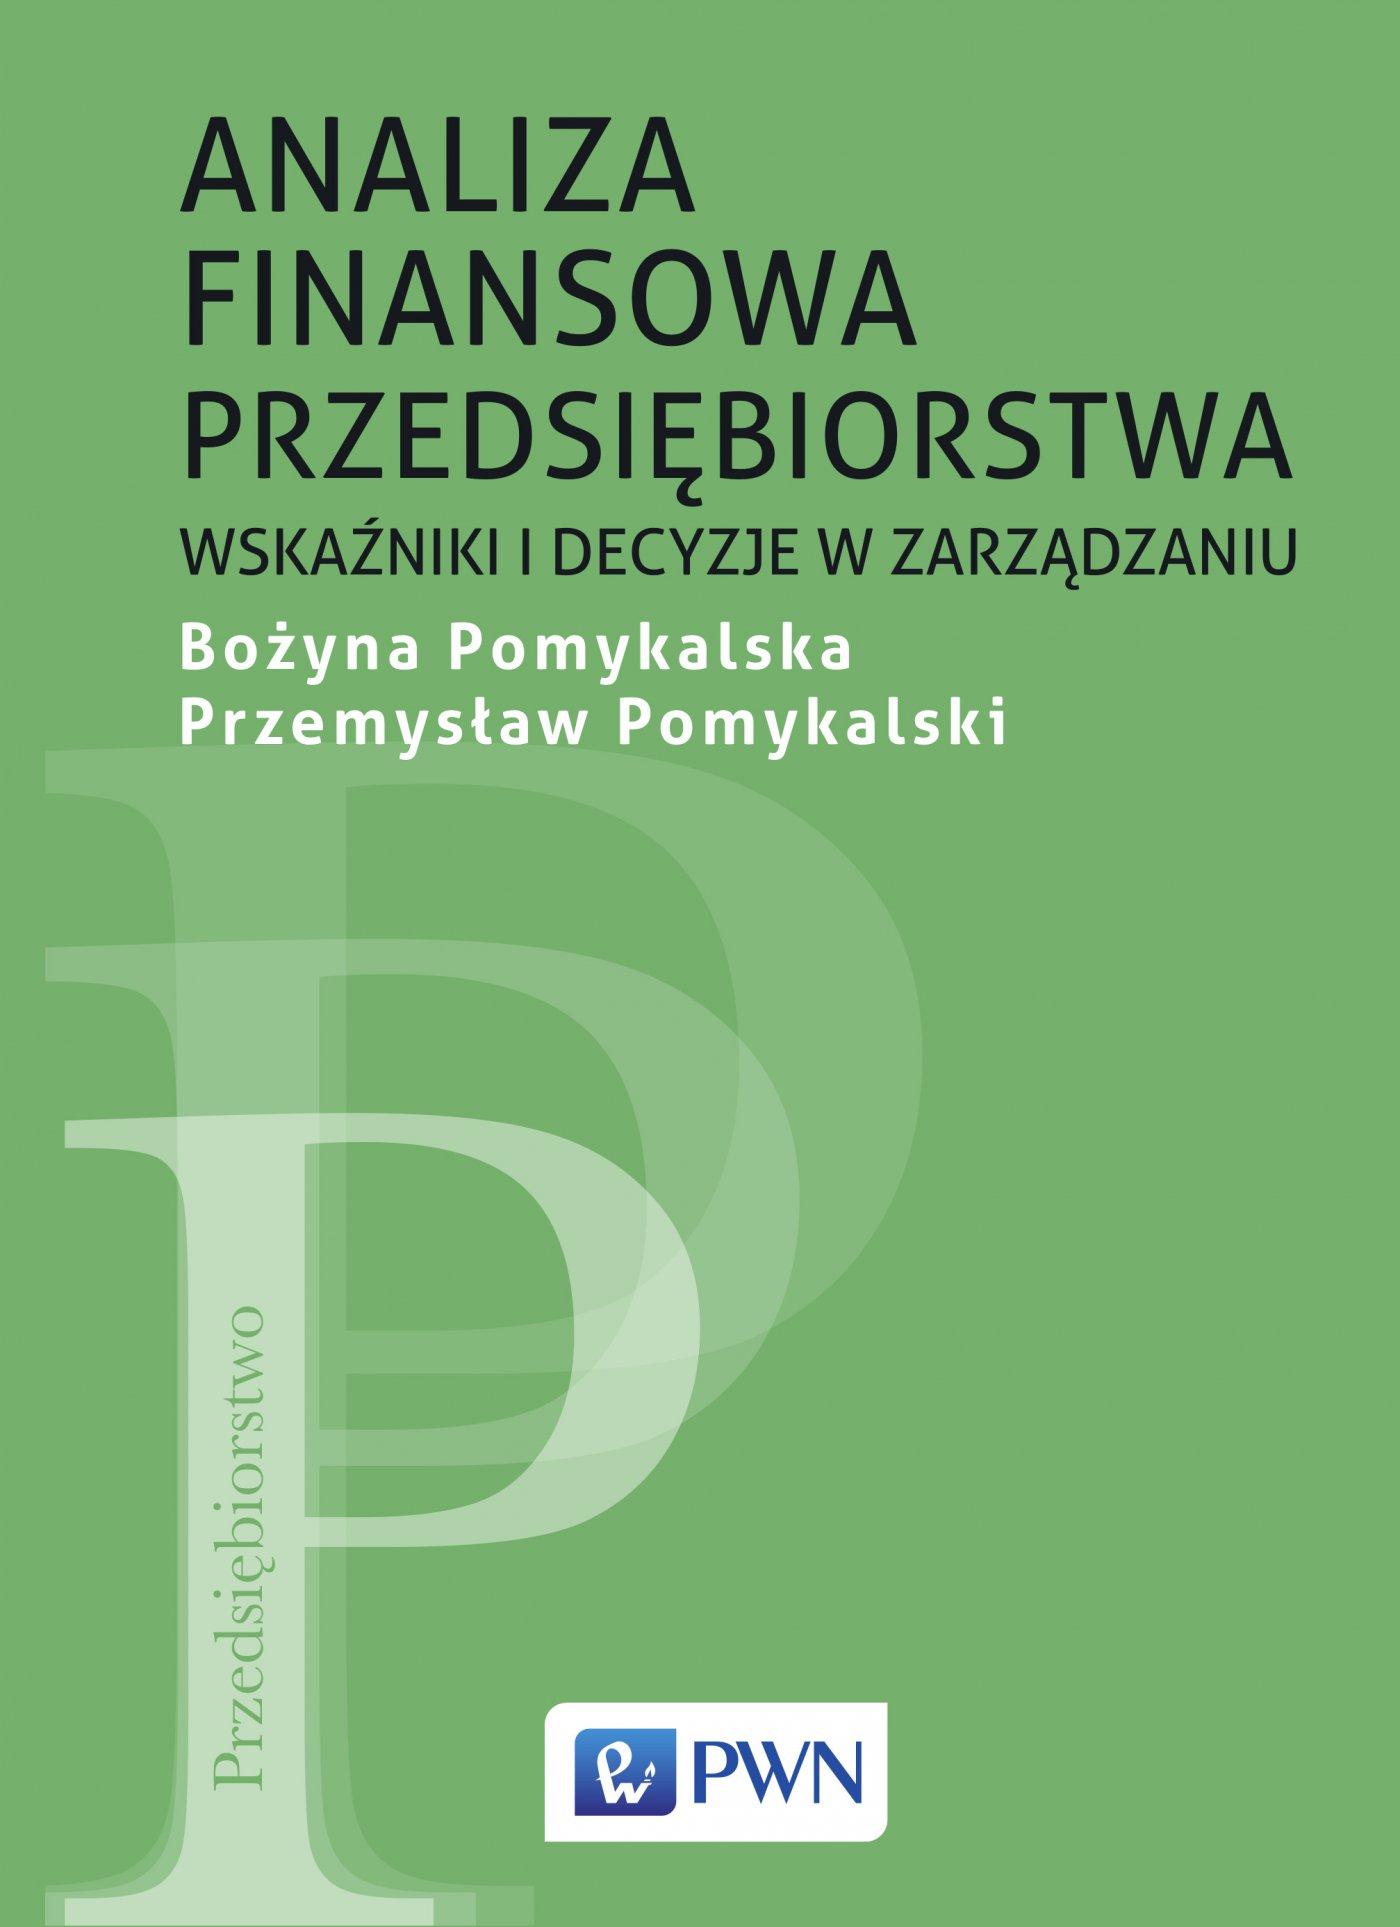 Analiza finansowa przedsiębiorstwa. Wskaźniki i decyzje w zarządzaniu - Ebook (Książka na Kindle) do pobrania w formacie MOBI